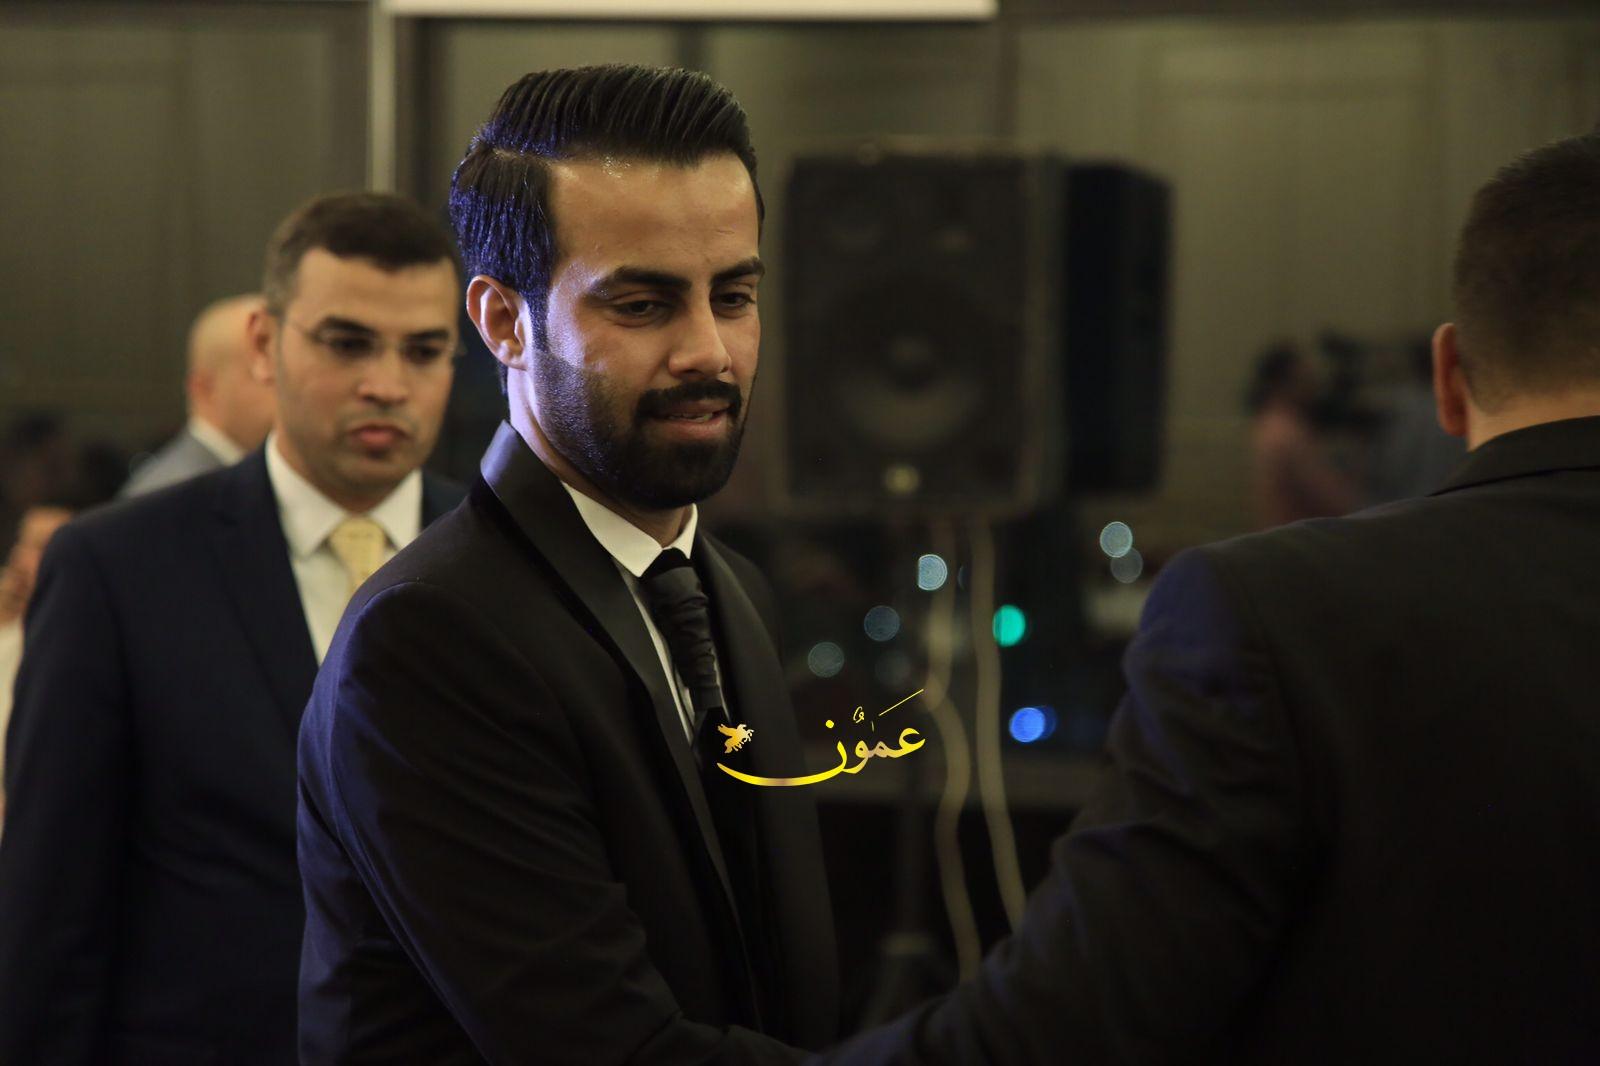 زفاف عبدالاله أيوب ابوعرابي العدوان